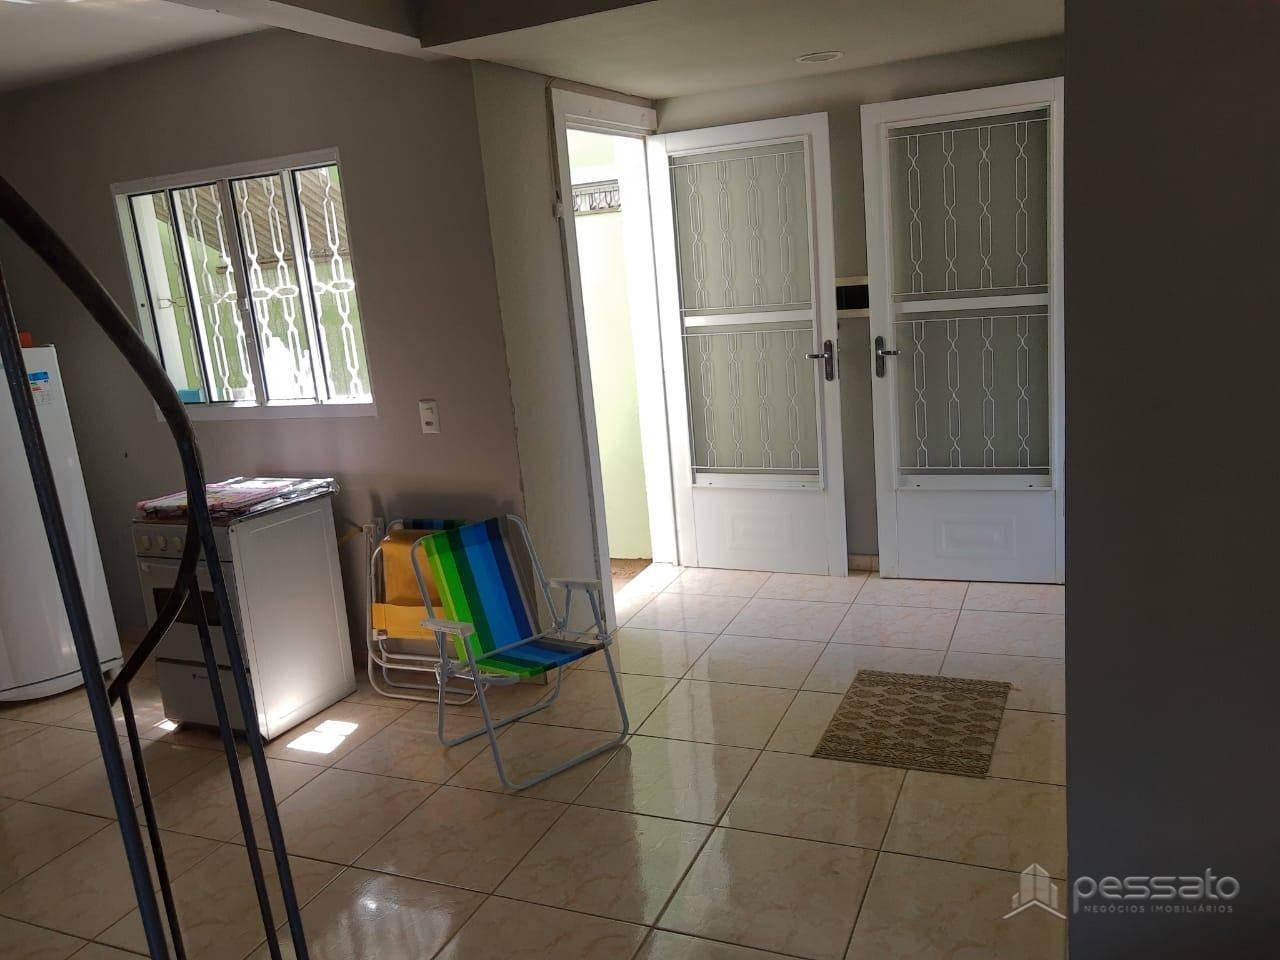 sobrado 2 dormitórios em Gravataí, no bairro São Vicente